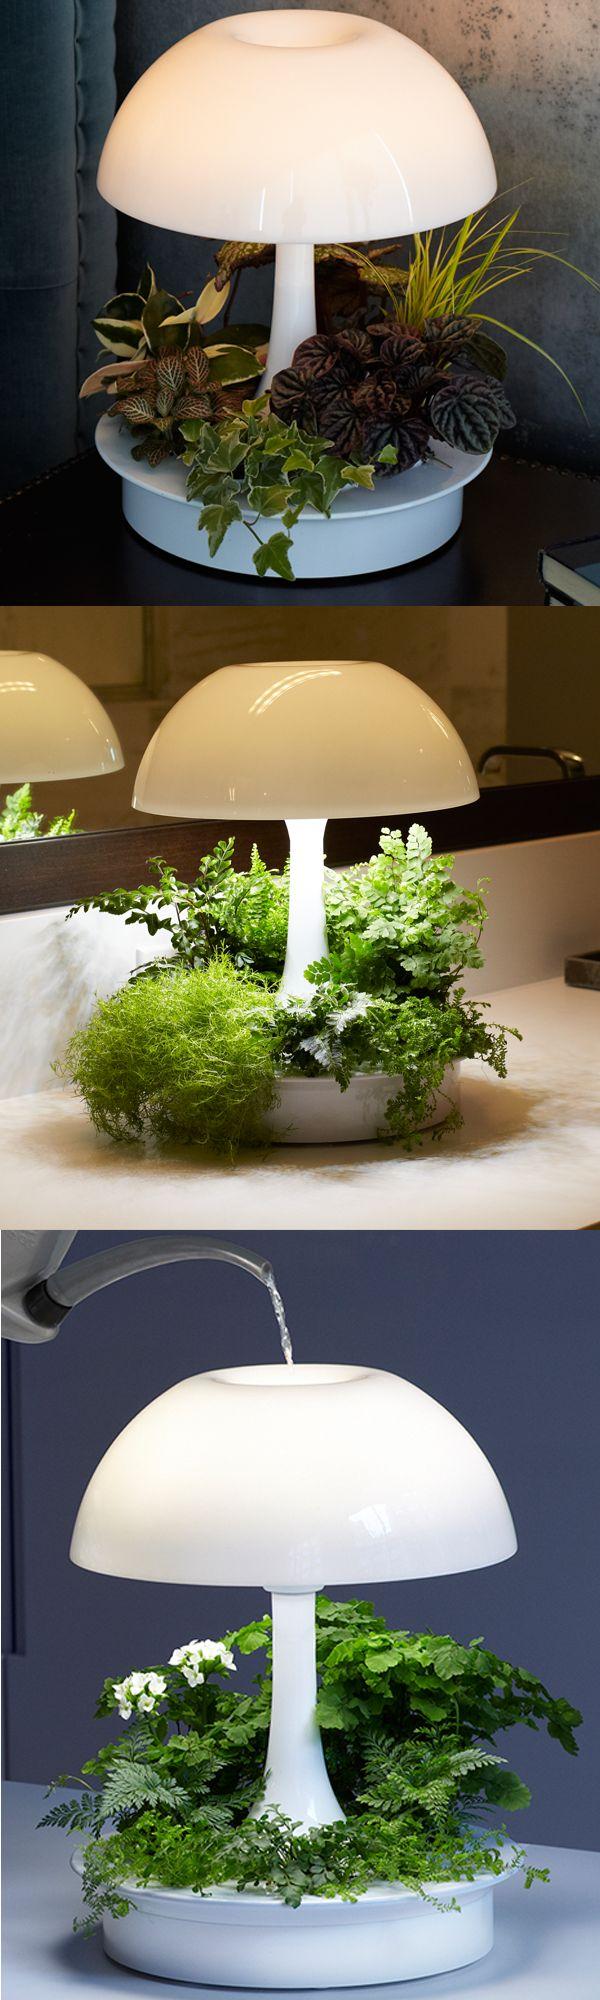 Best 25+ Grow lights ideas on Pinterest | Grow lights for ...